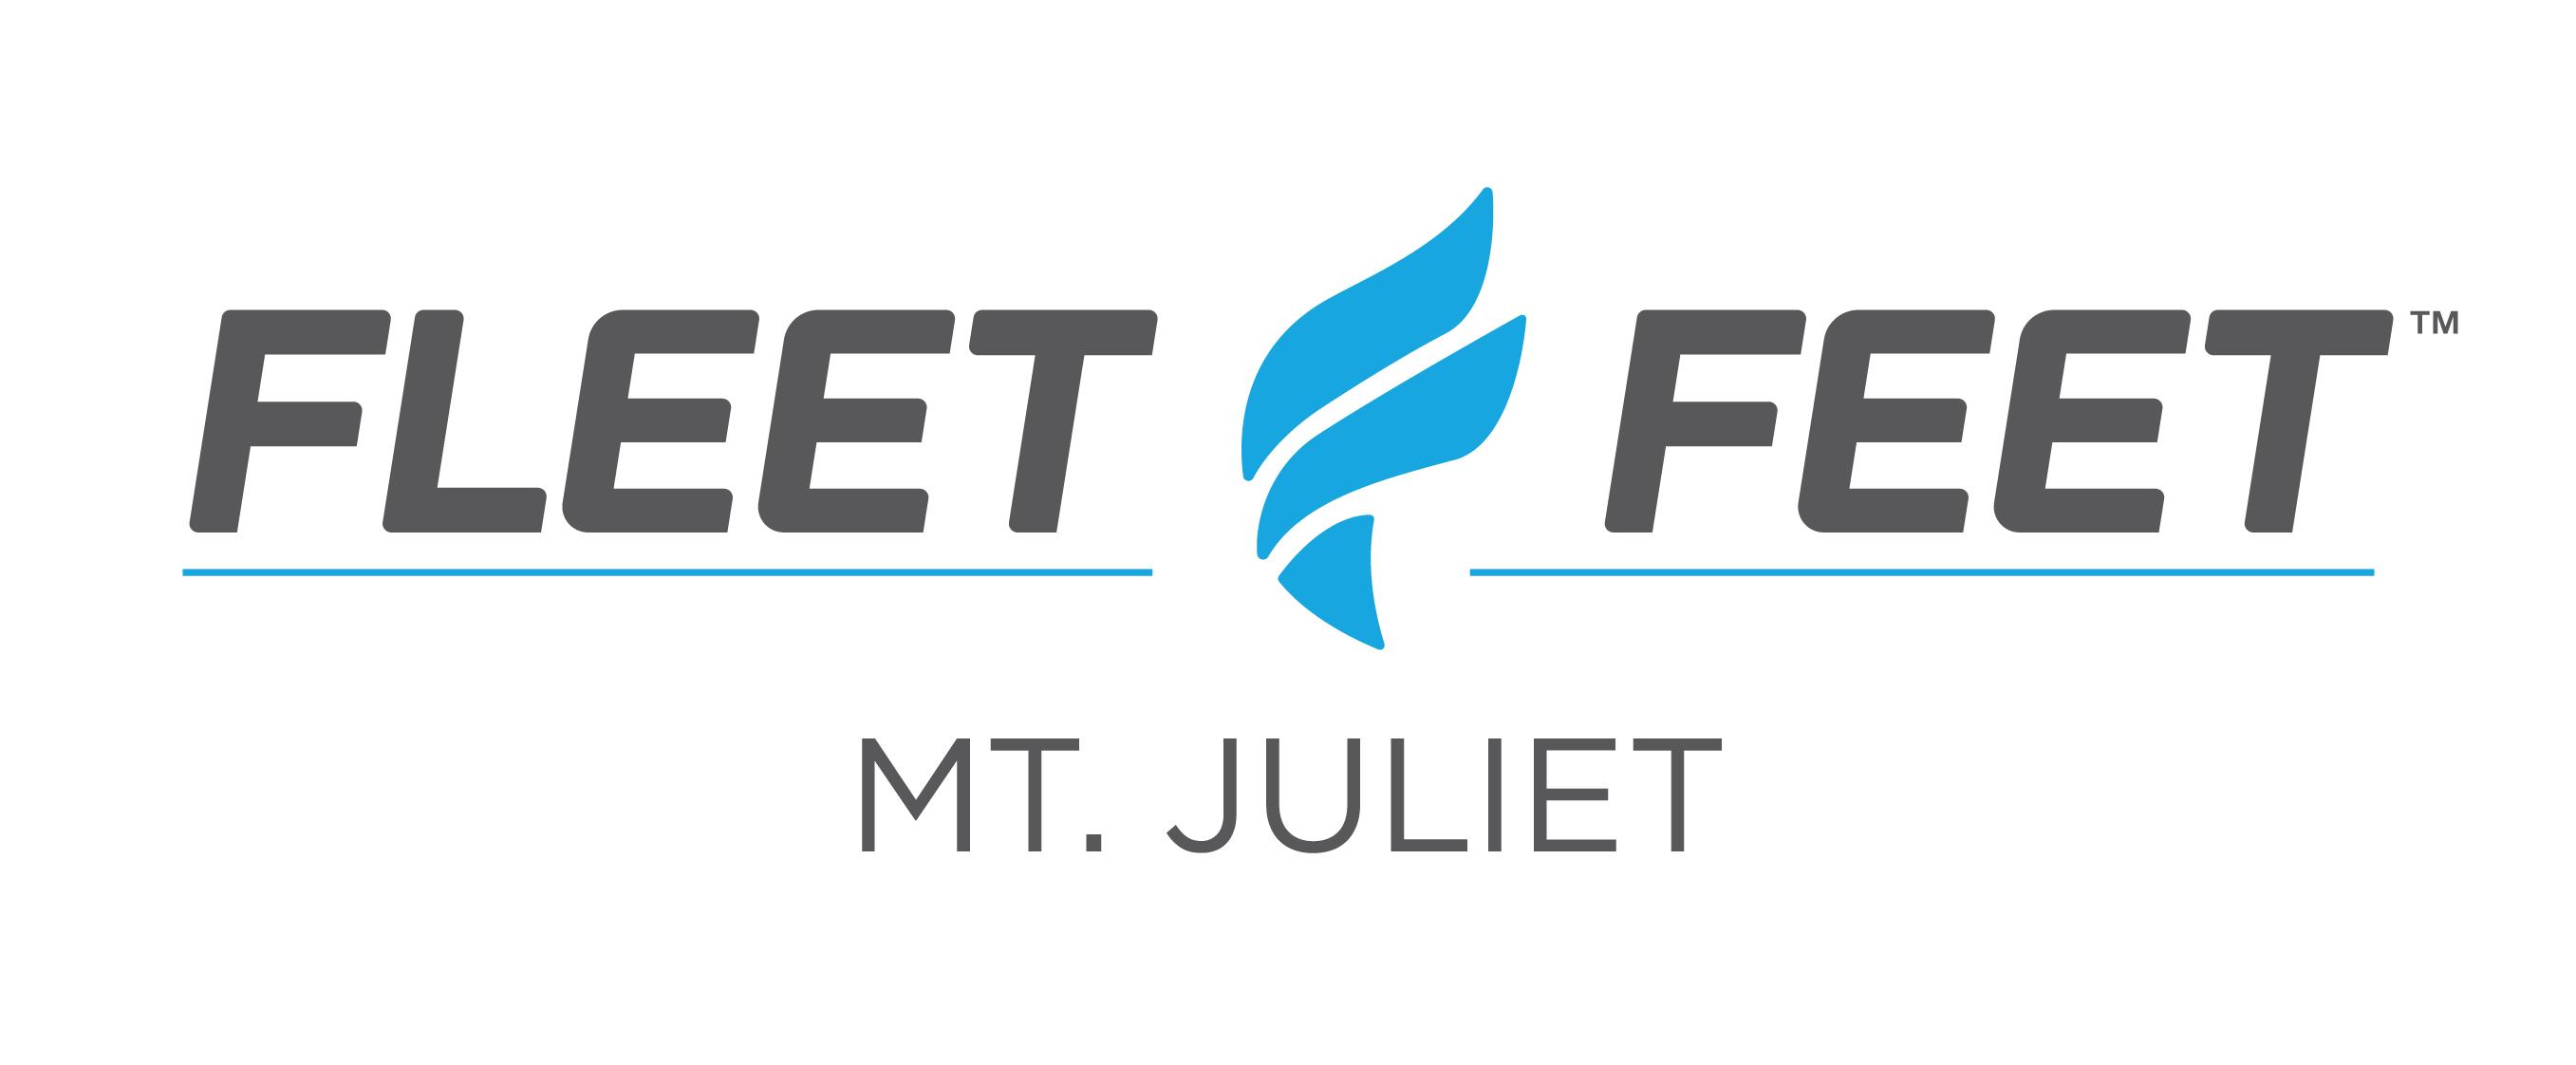 Fleet Feet Mt. Juliet Logo